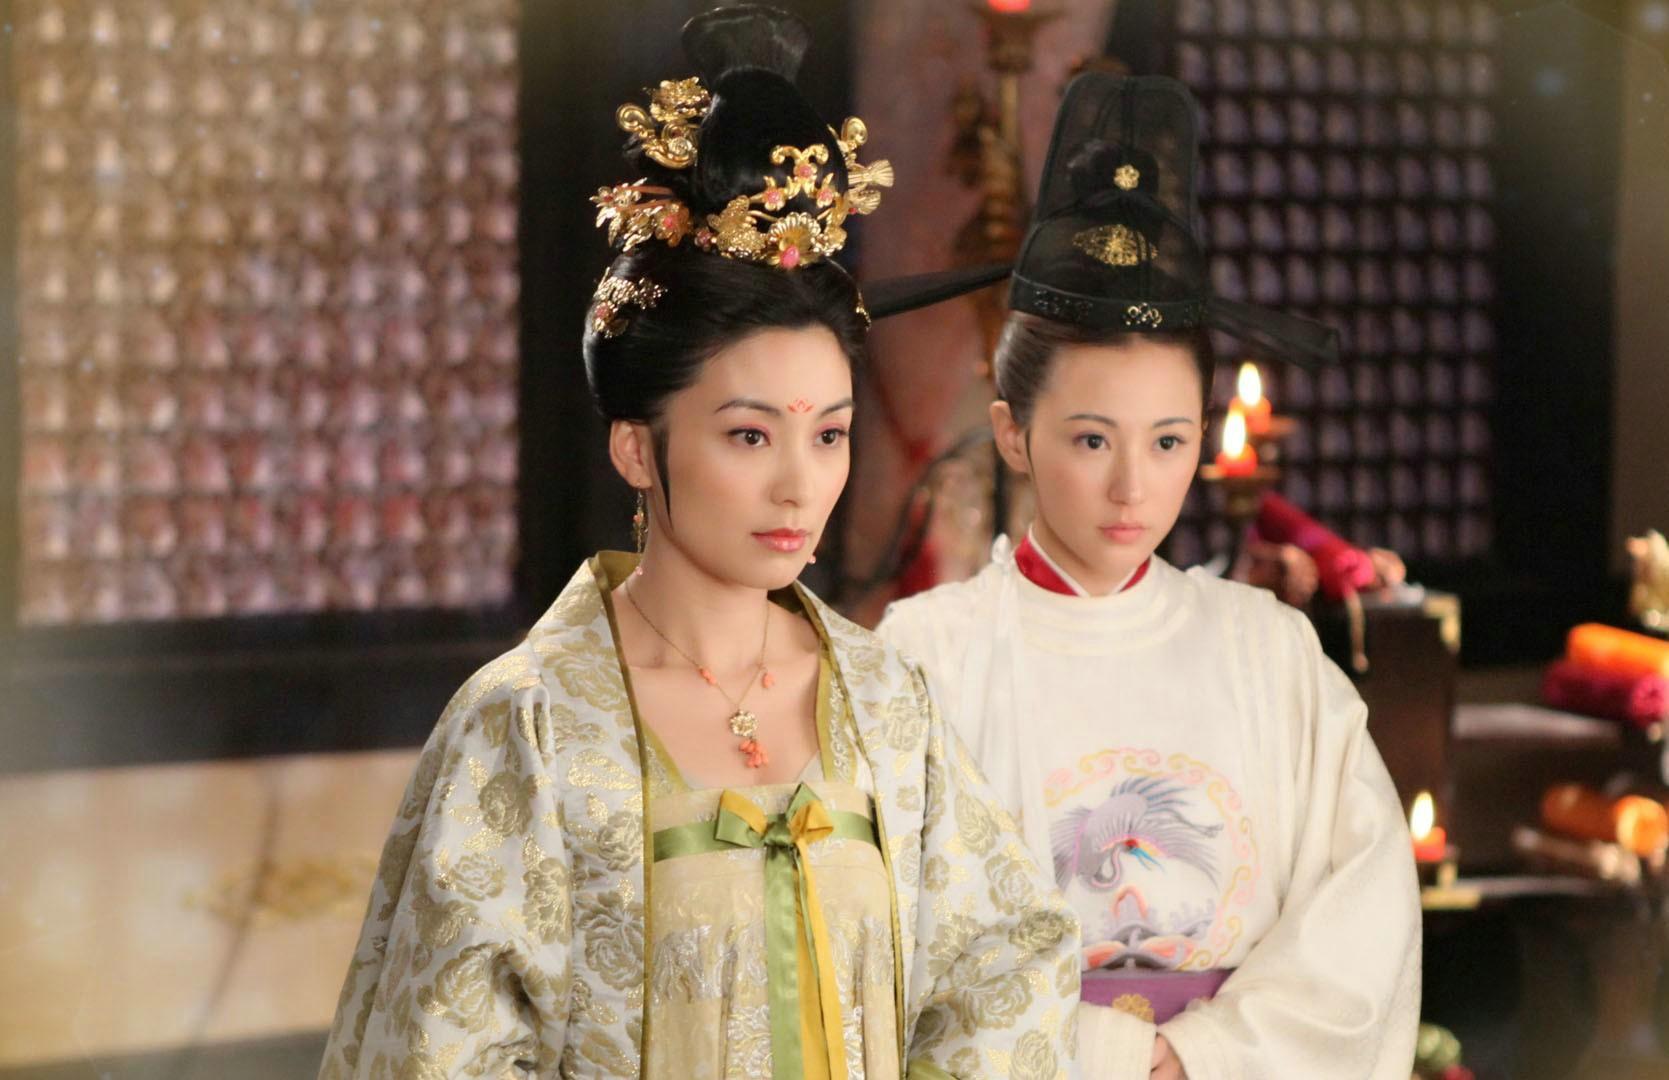 安乐公主�9c��f_历史上的女人:毒死父皇李显的忤逆女安乐公主